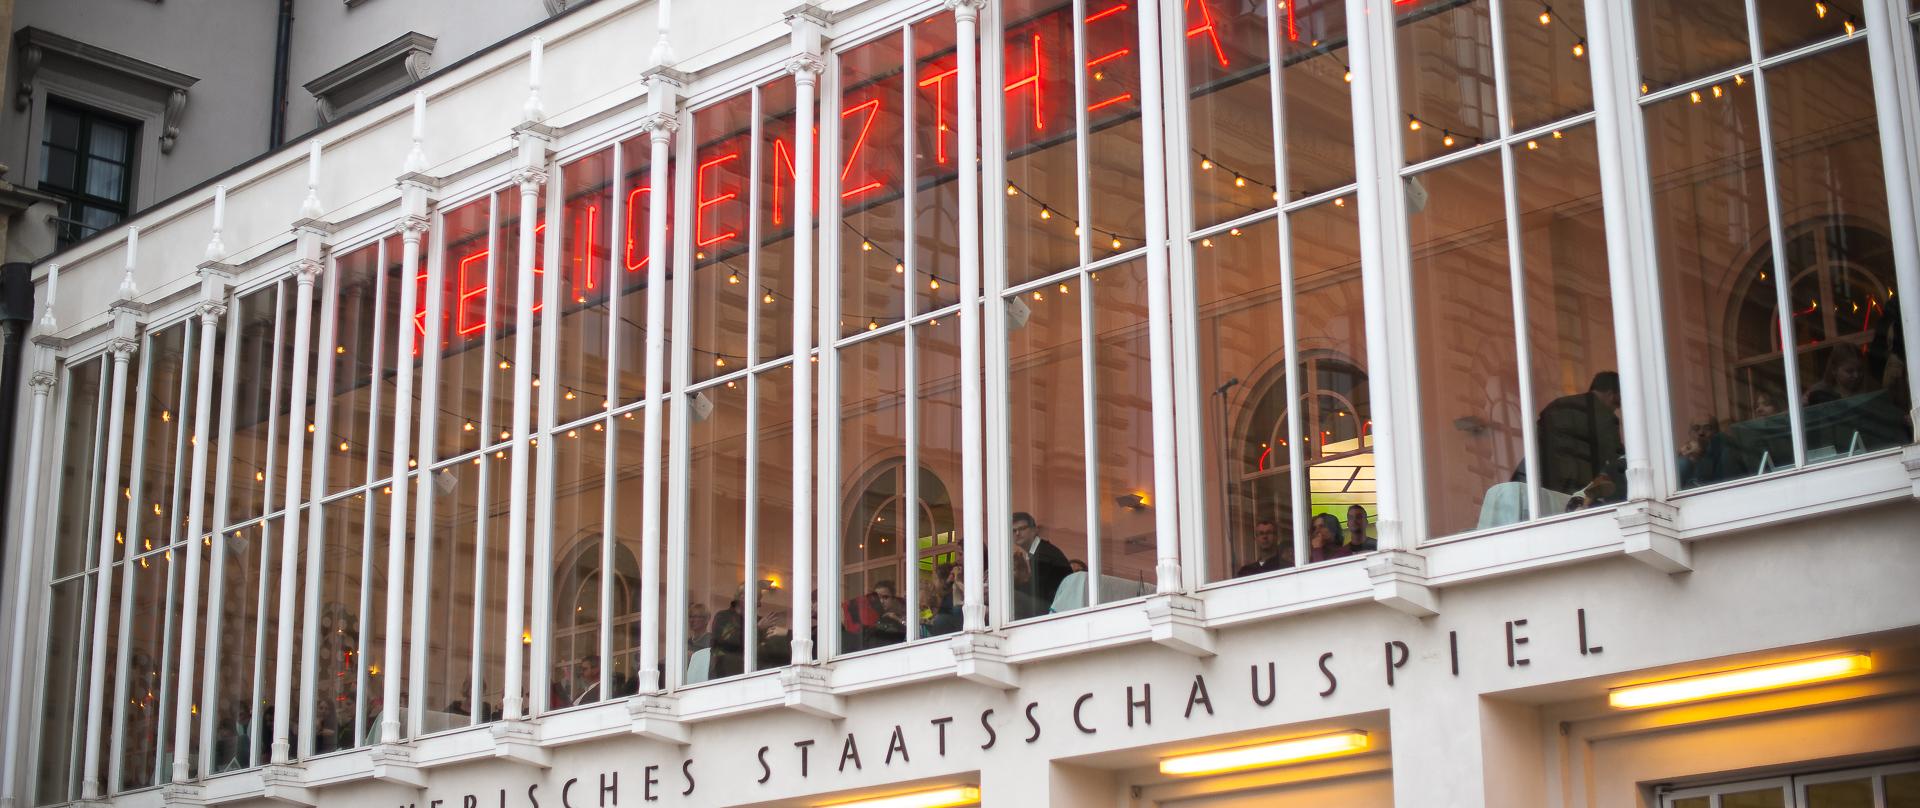 stehmeier-photography-de-hompage-fotograf-bayrische-staatsoper-opernhaus-muenchen